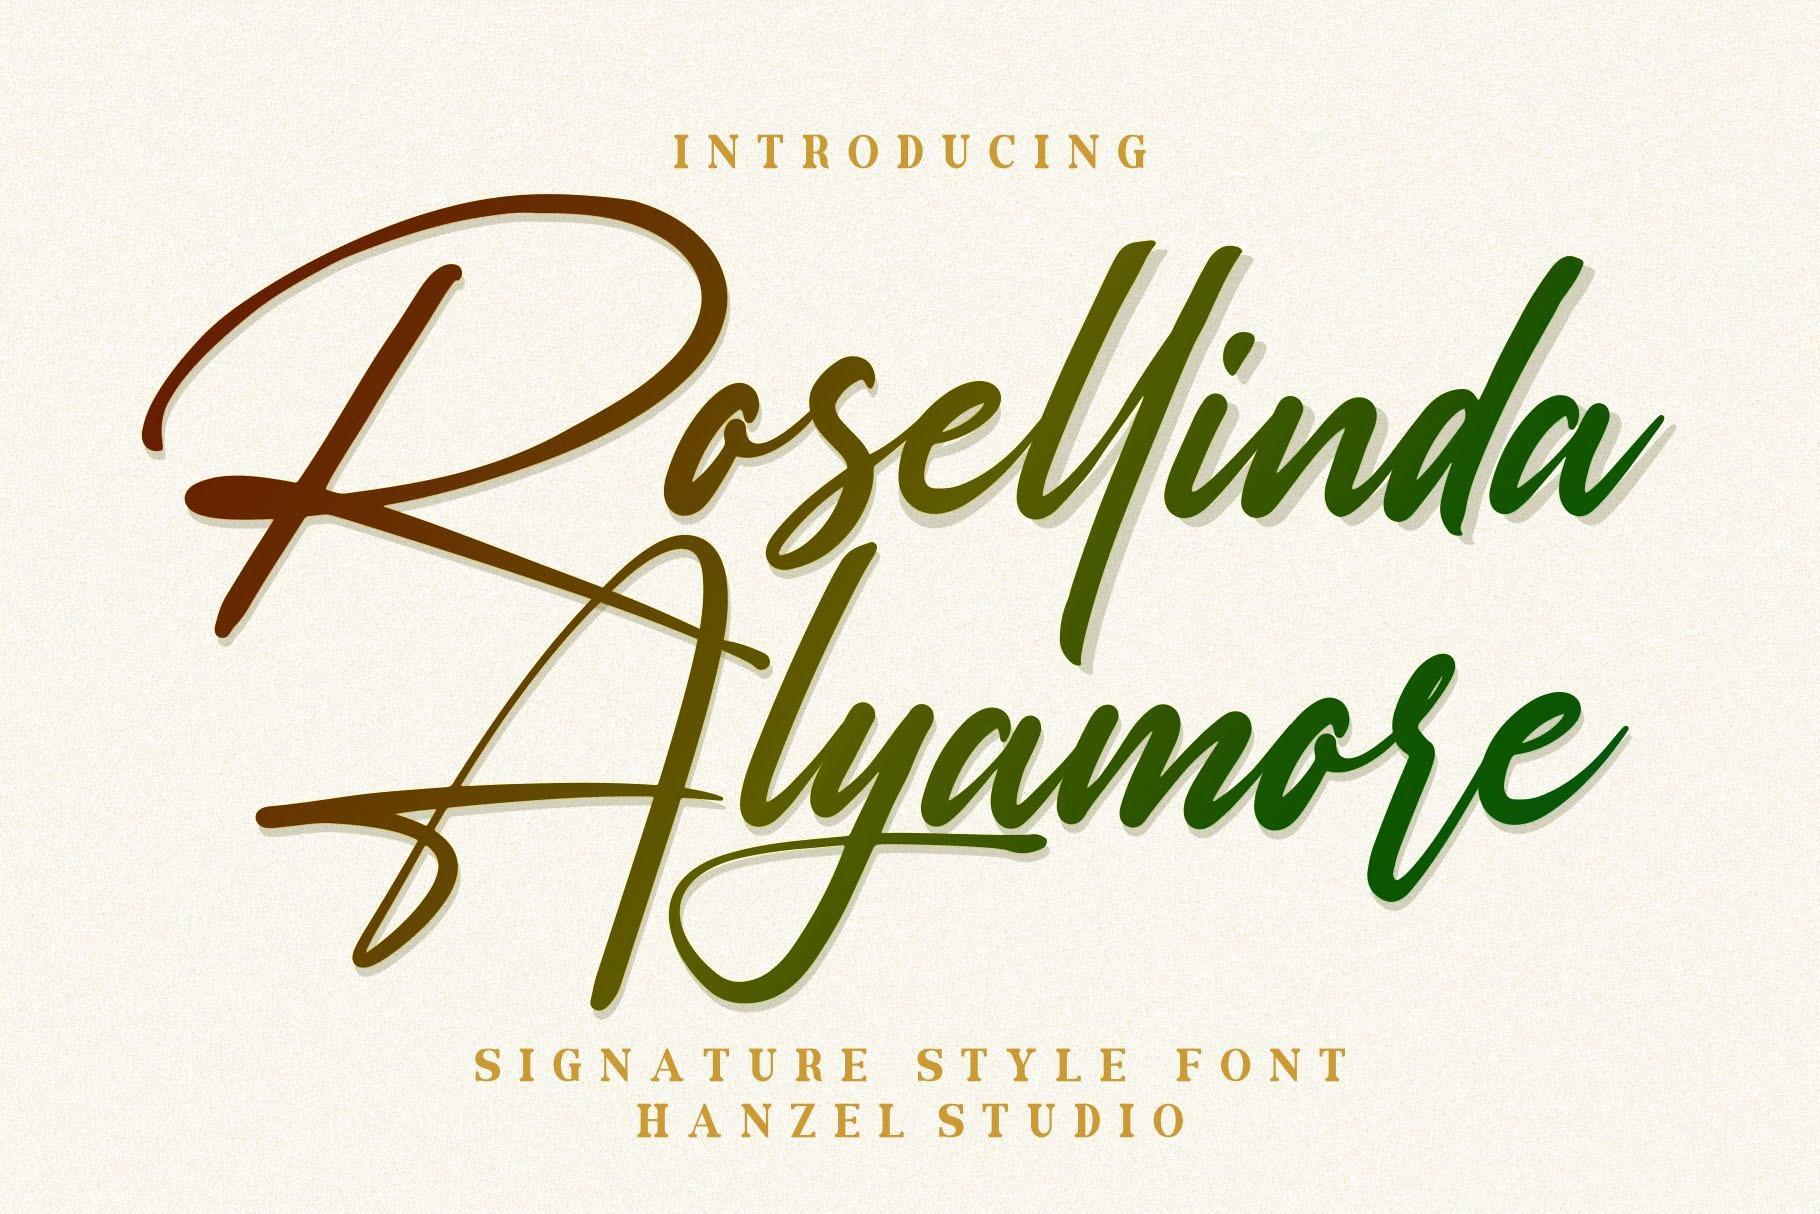 Rosellinda-Alyamore-Signature-Font-1